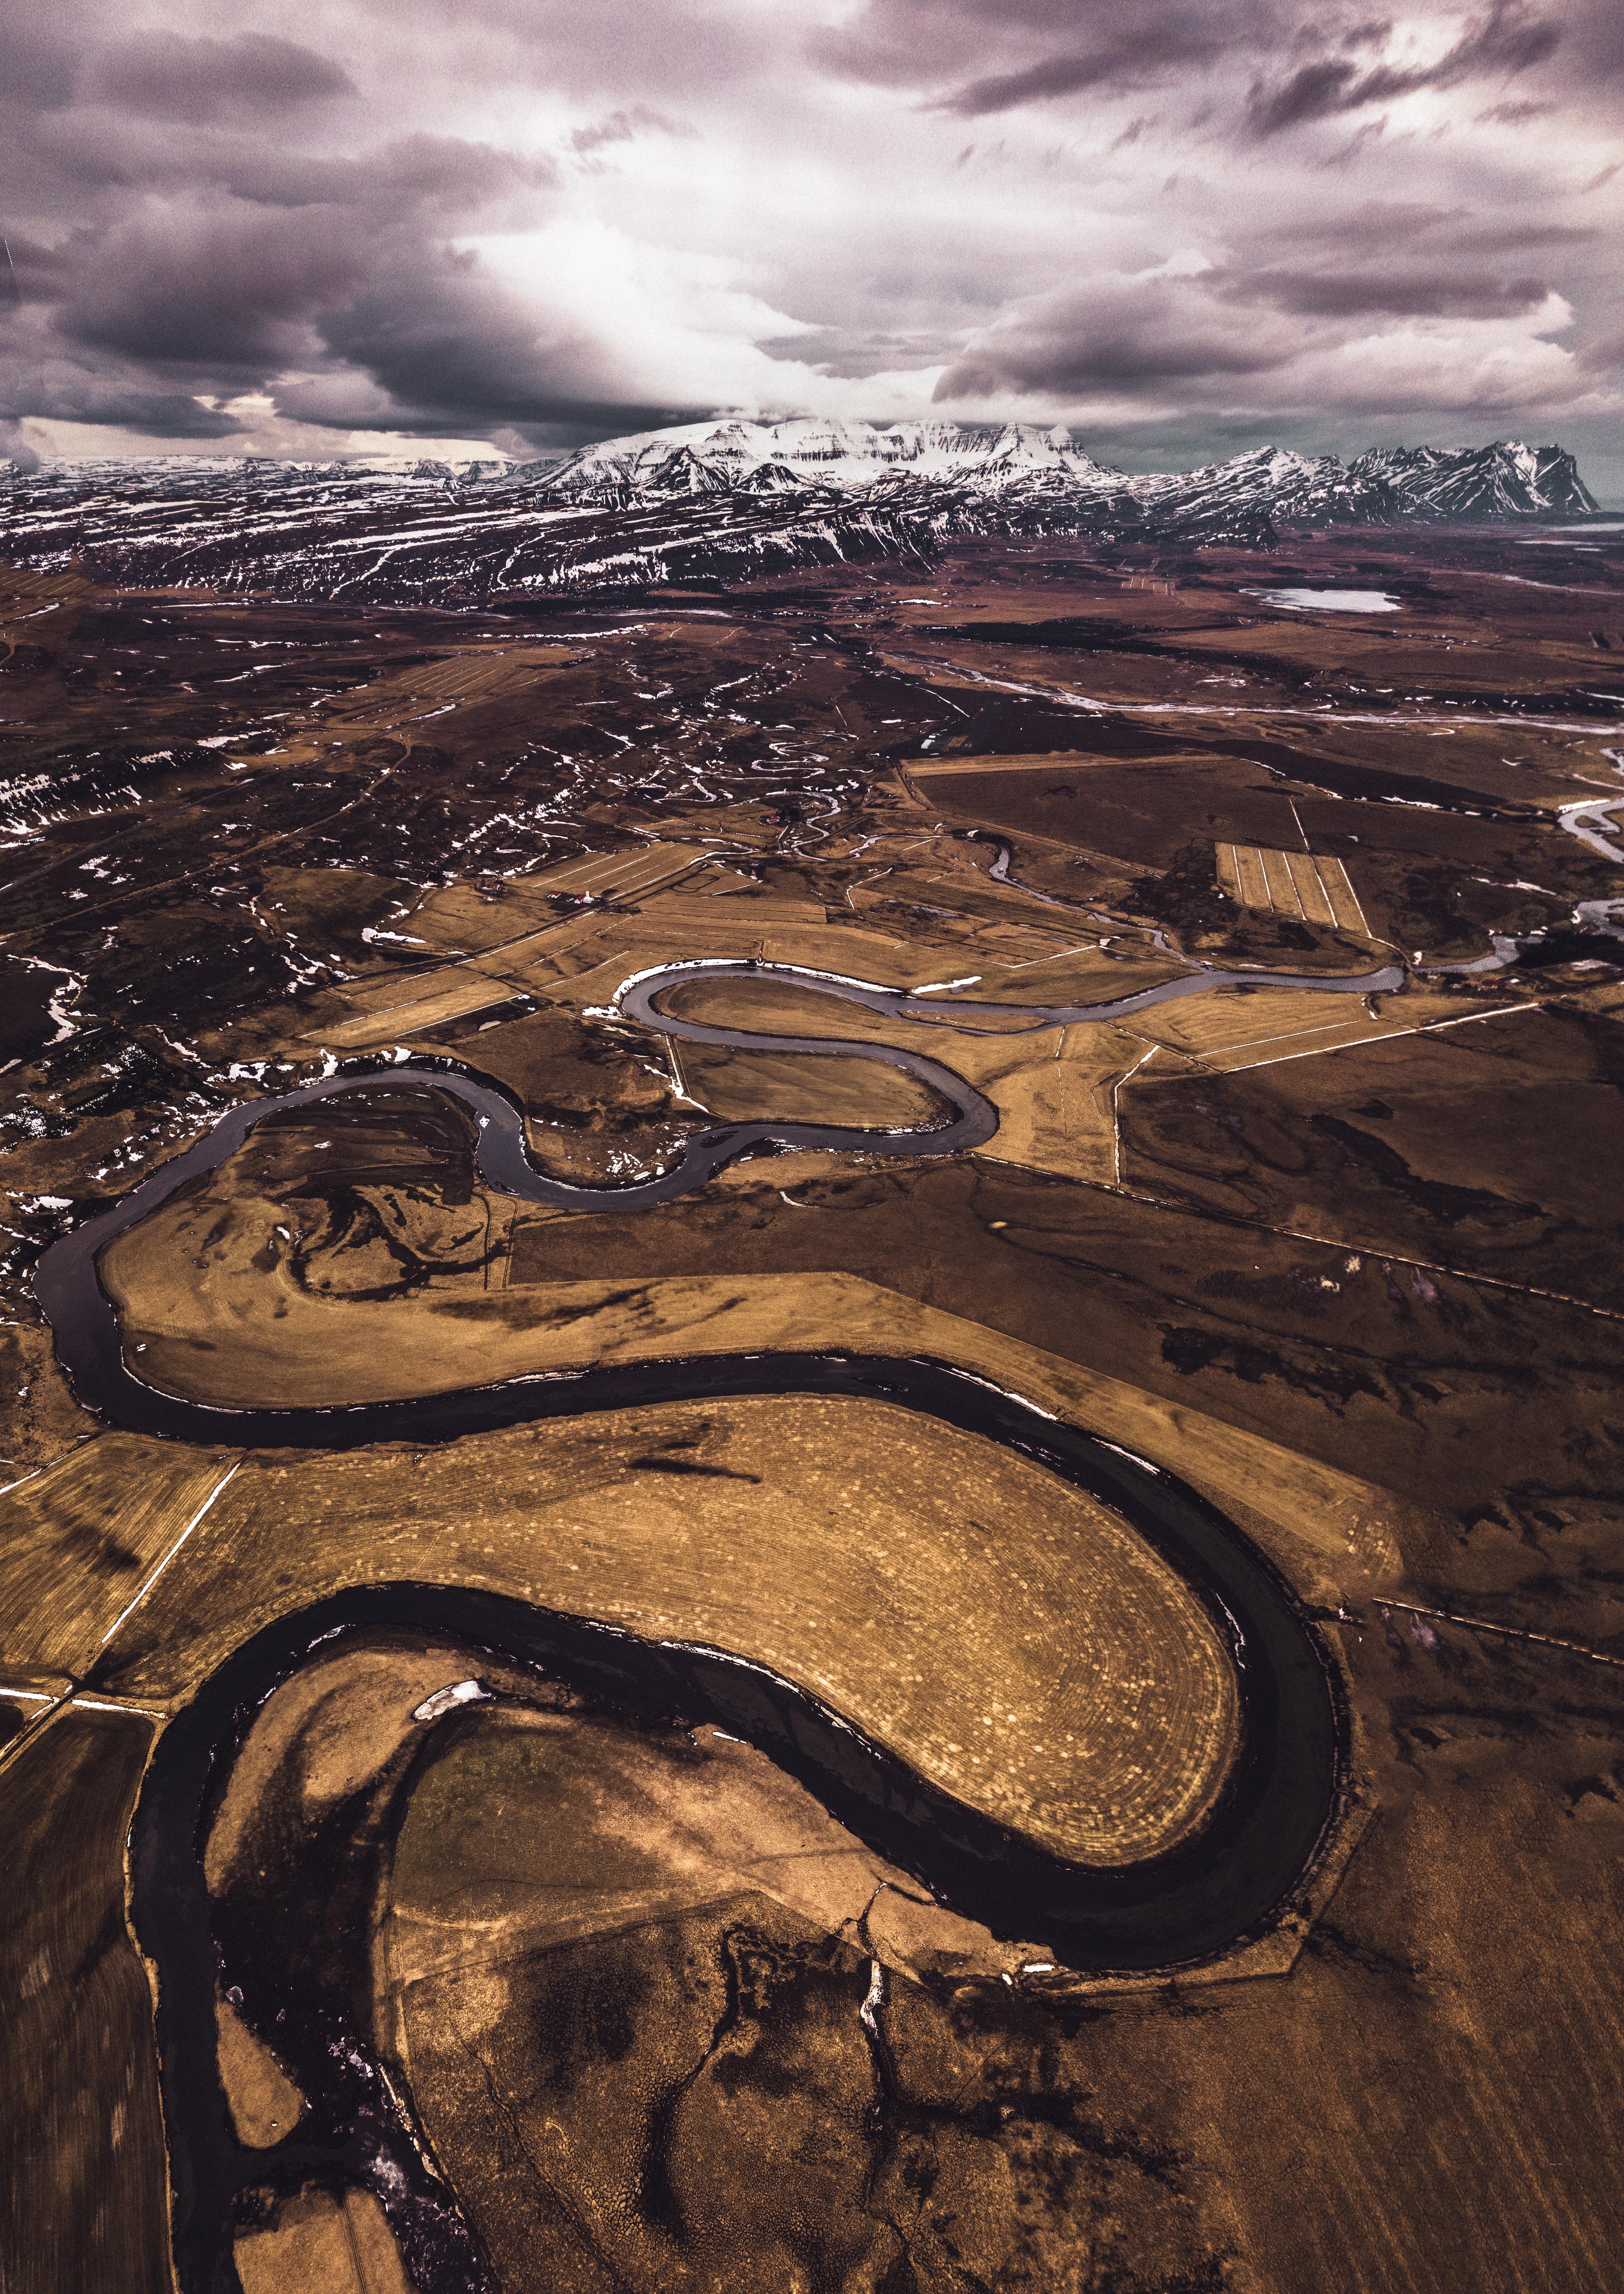 96245 Hintergrundbild herunterladen Winterreifen, Natur, Roads, Mountains, Schnee, Blick Von Oben, Island - Bildschirmschoner und Bilder kostenlos